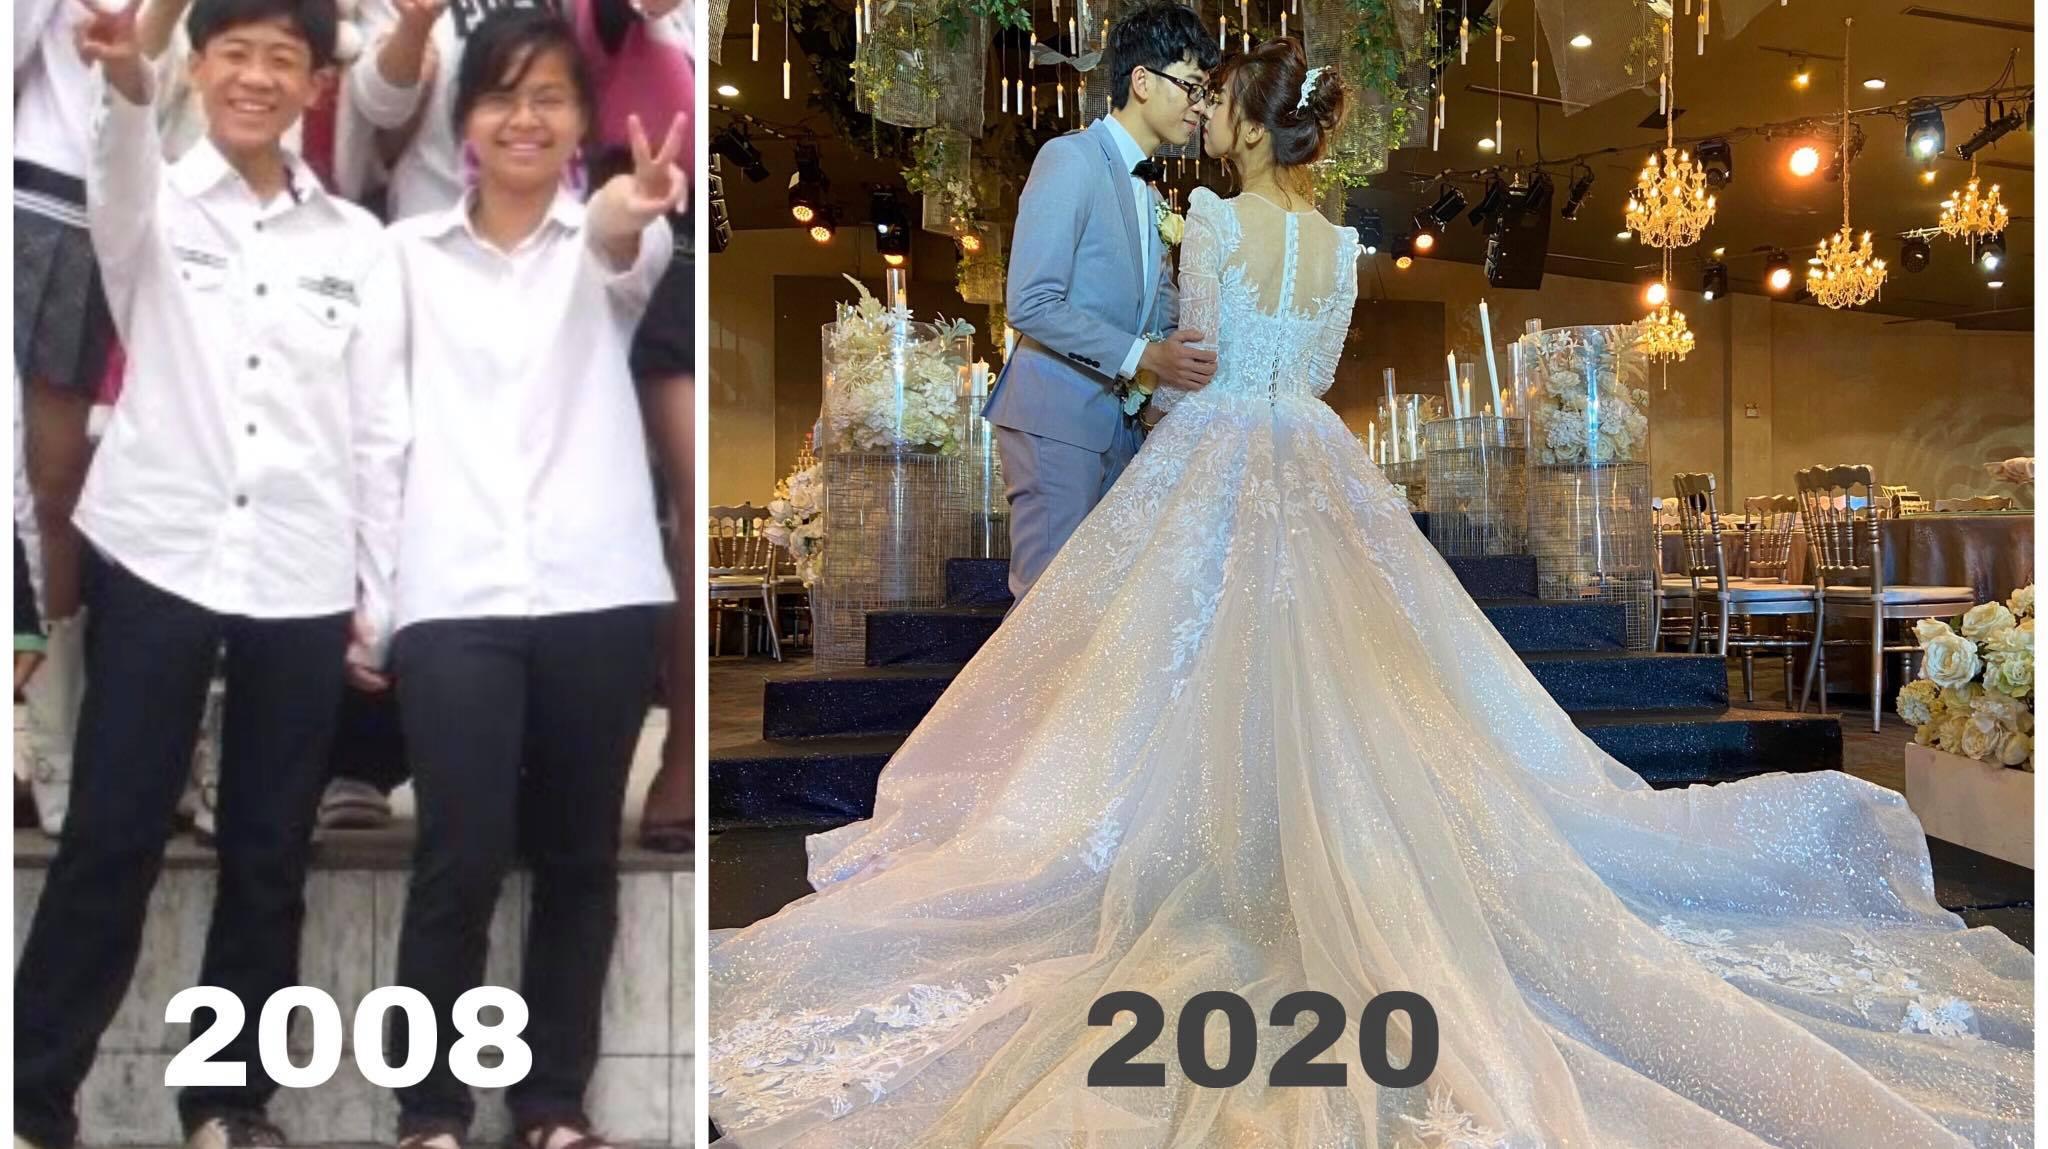 """Yêu nhau 12 năm, đi từ lớp học đến lễ đường, cặp đôi ngẫm ra chân lý: """"Can đảm yêu, can đảm chờ, can đảm hạnh phúc"""""""